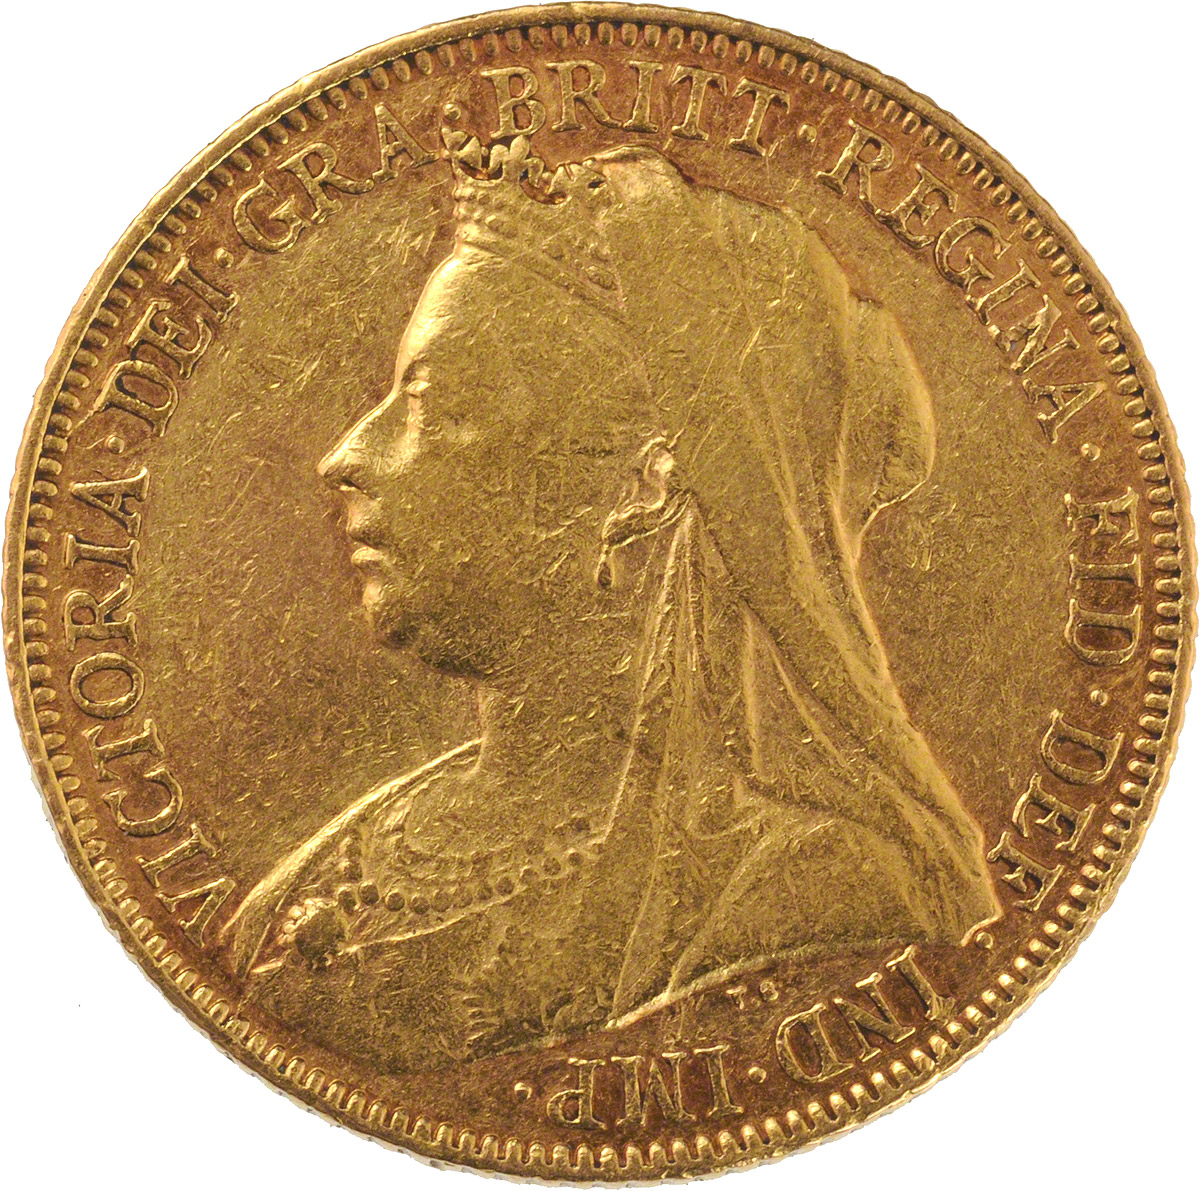 1901 Βικτώρια (Νομισματοκοπείο Μελβούρνης)